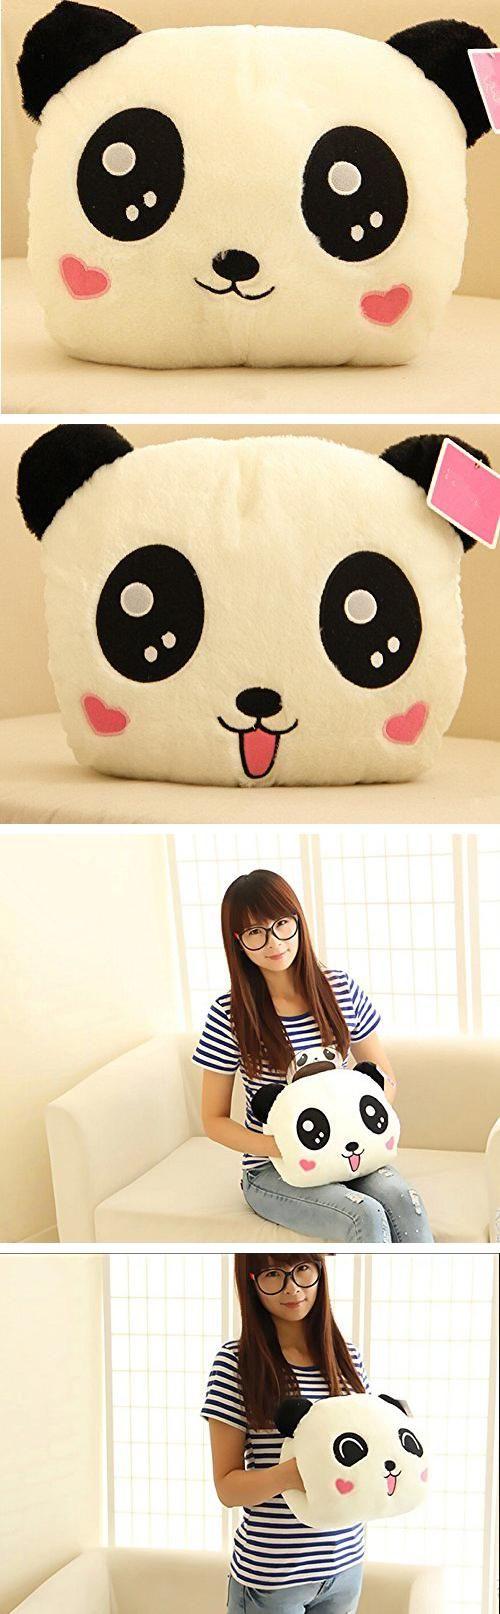 Niedliches #panda #kissen. Der kreative und süße Handwärmer getarnt als Plüschtier /// find mich damit:  #spielzeug Stofftier Plush Toy Plush Doll Stuffed Toy #Weihnachtsgeschenke Geburtstagsgeschenke Geschenk Panda Pillow warm and cute